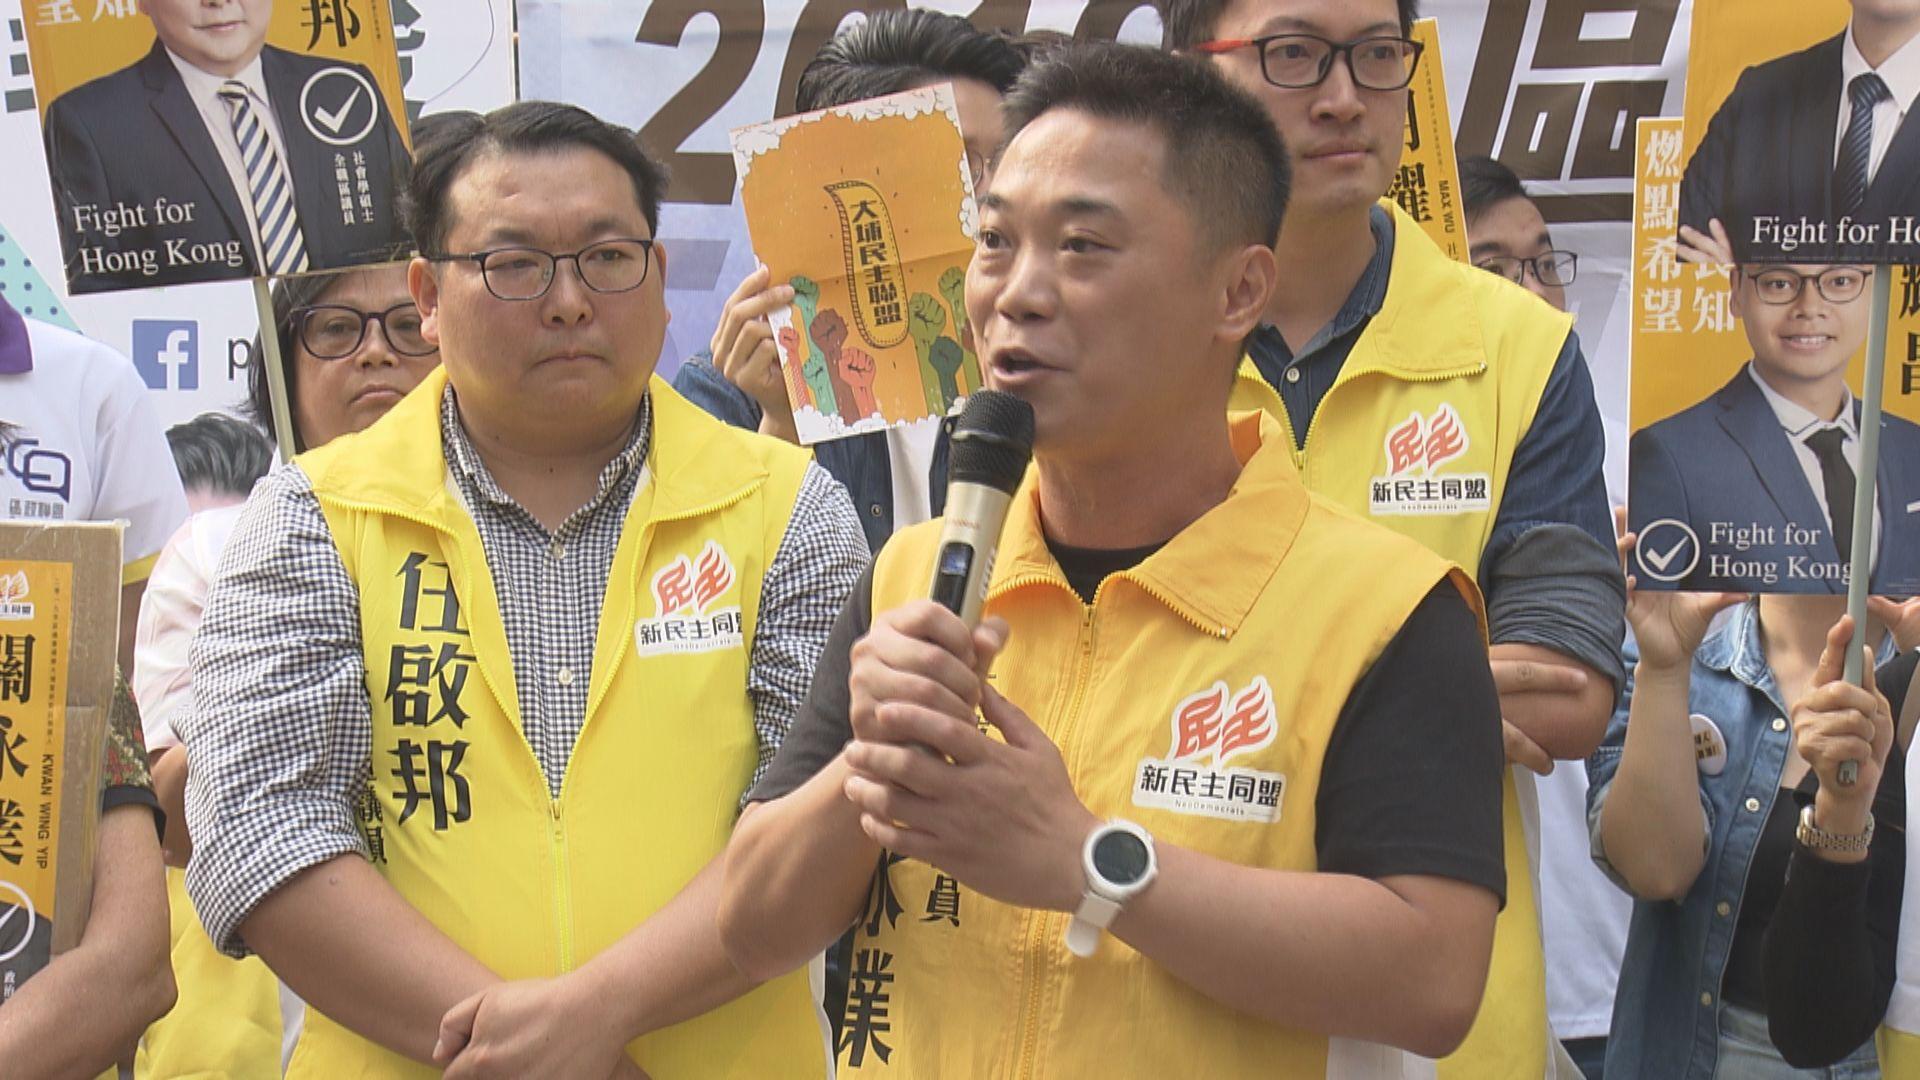 大埔區議會主席將致函民政處促釐清委員會違例之處